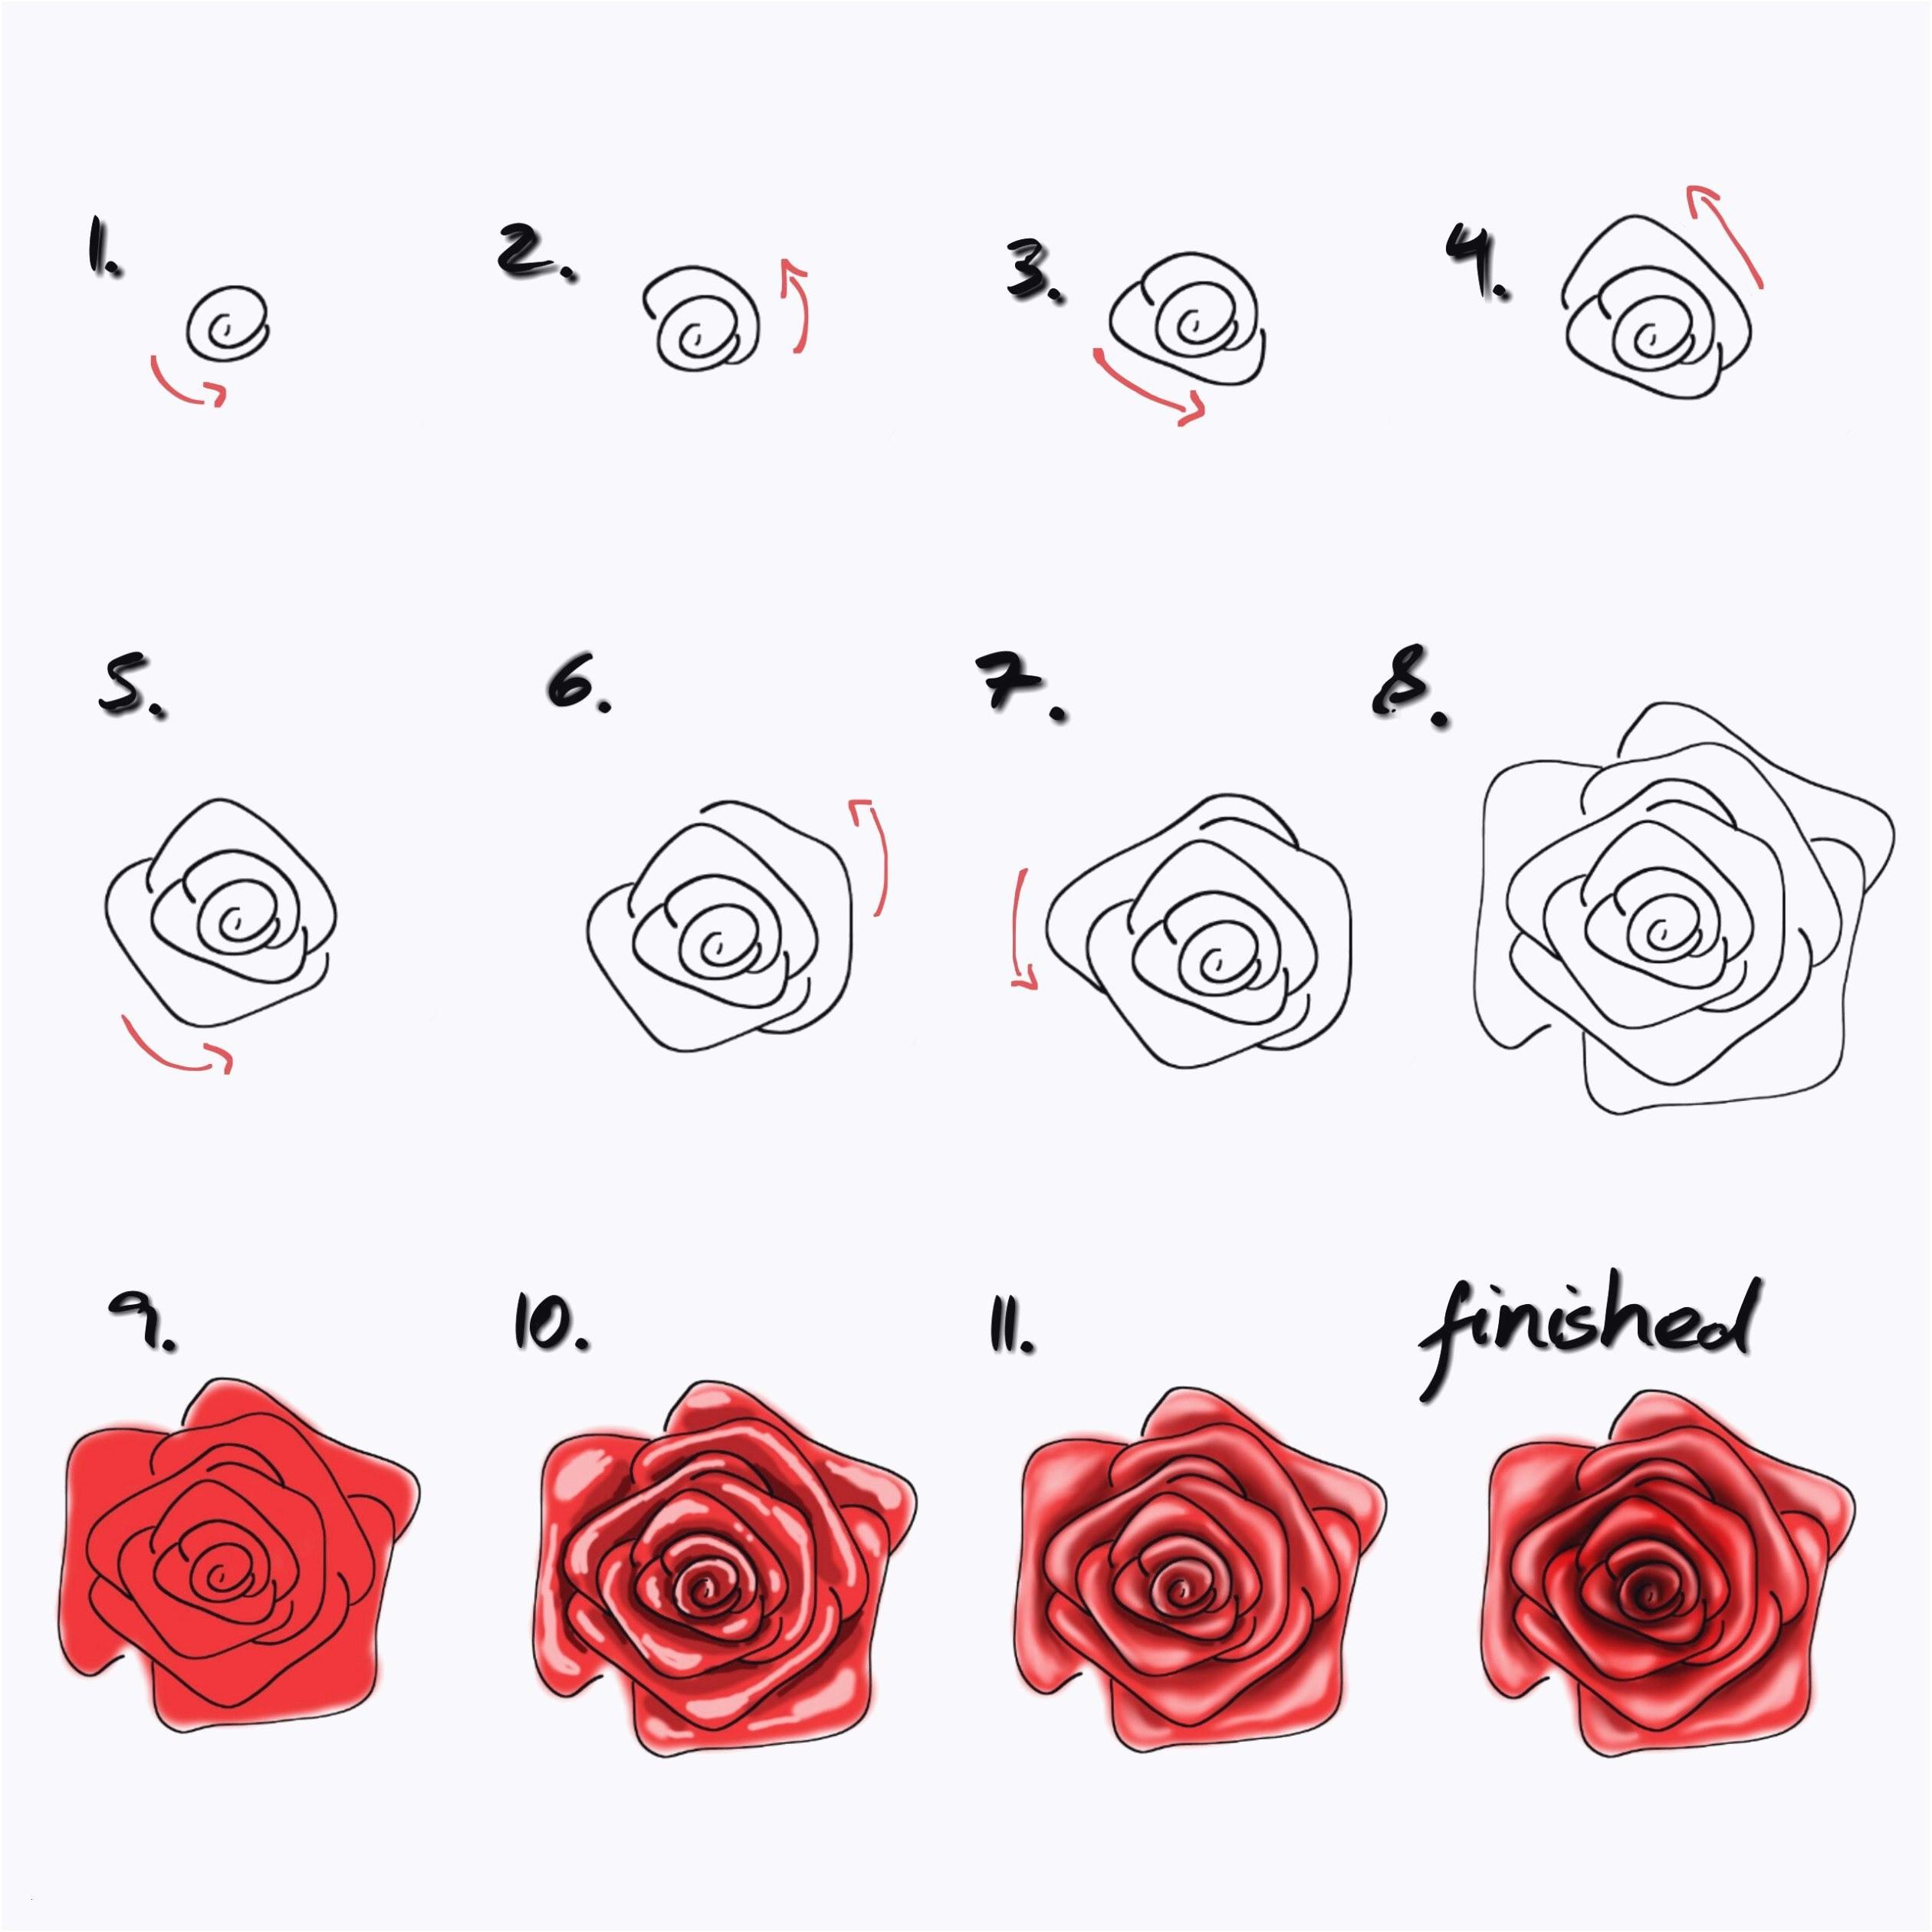 Malvorlagen Blumen Rosen Frisch Malvorlagen Igel Frisch Igel Grundschule 0d Archives Uploadertalk Fotografieren